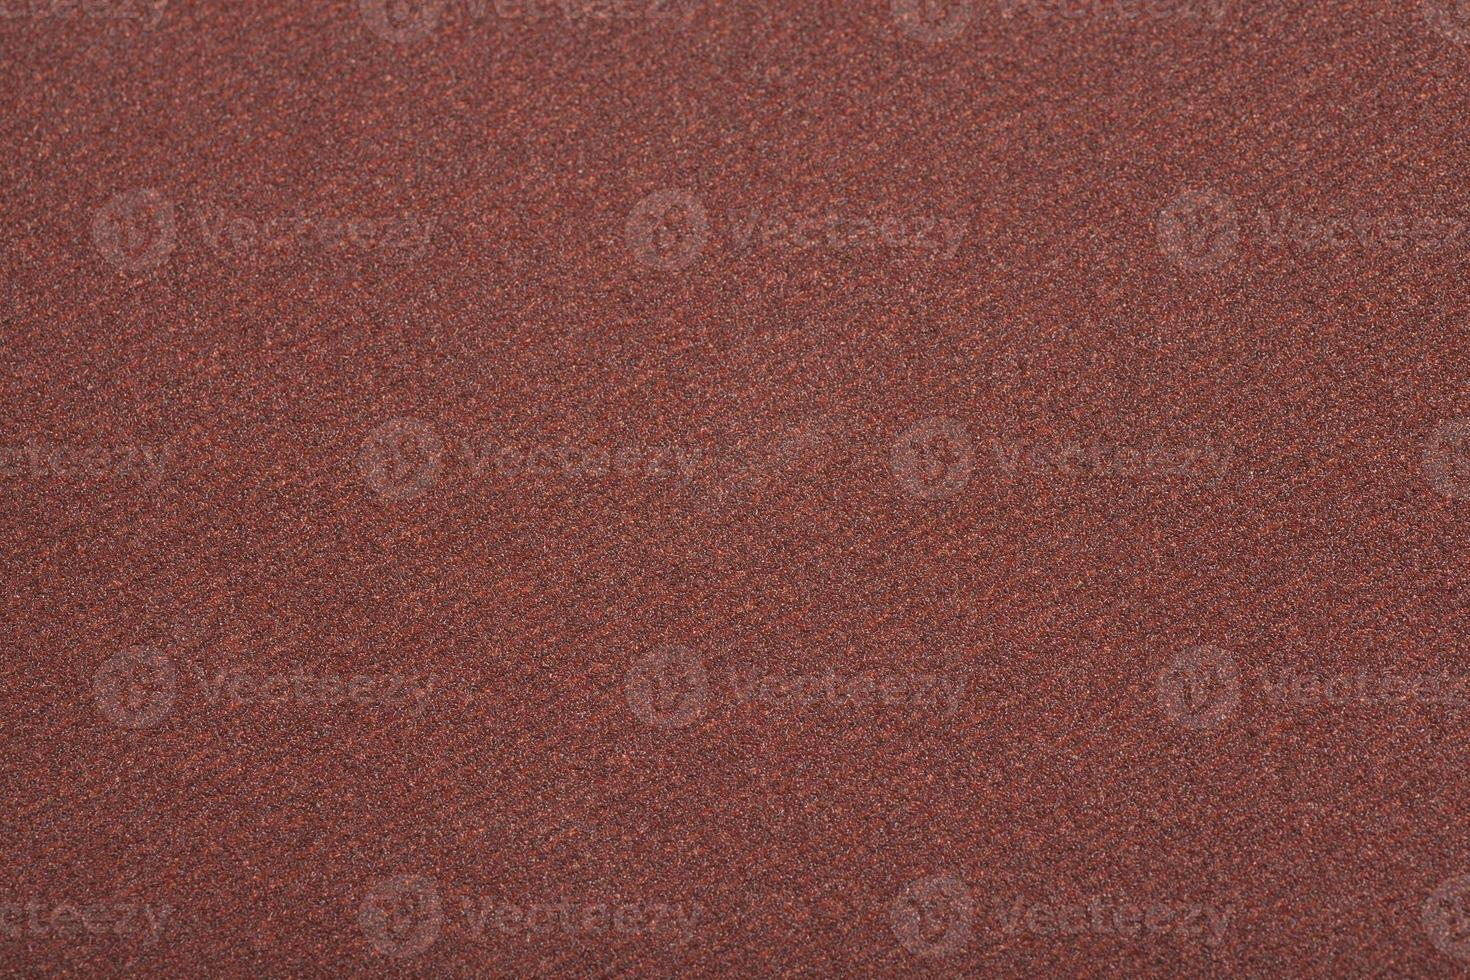 texture de papier de verre photo